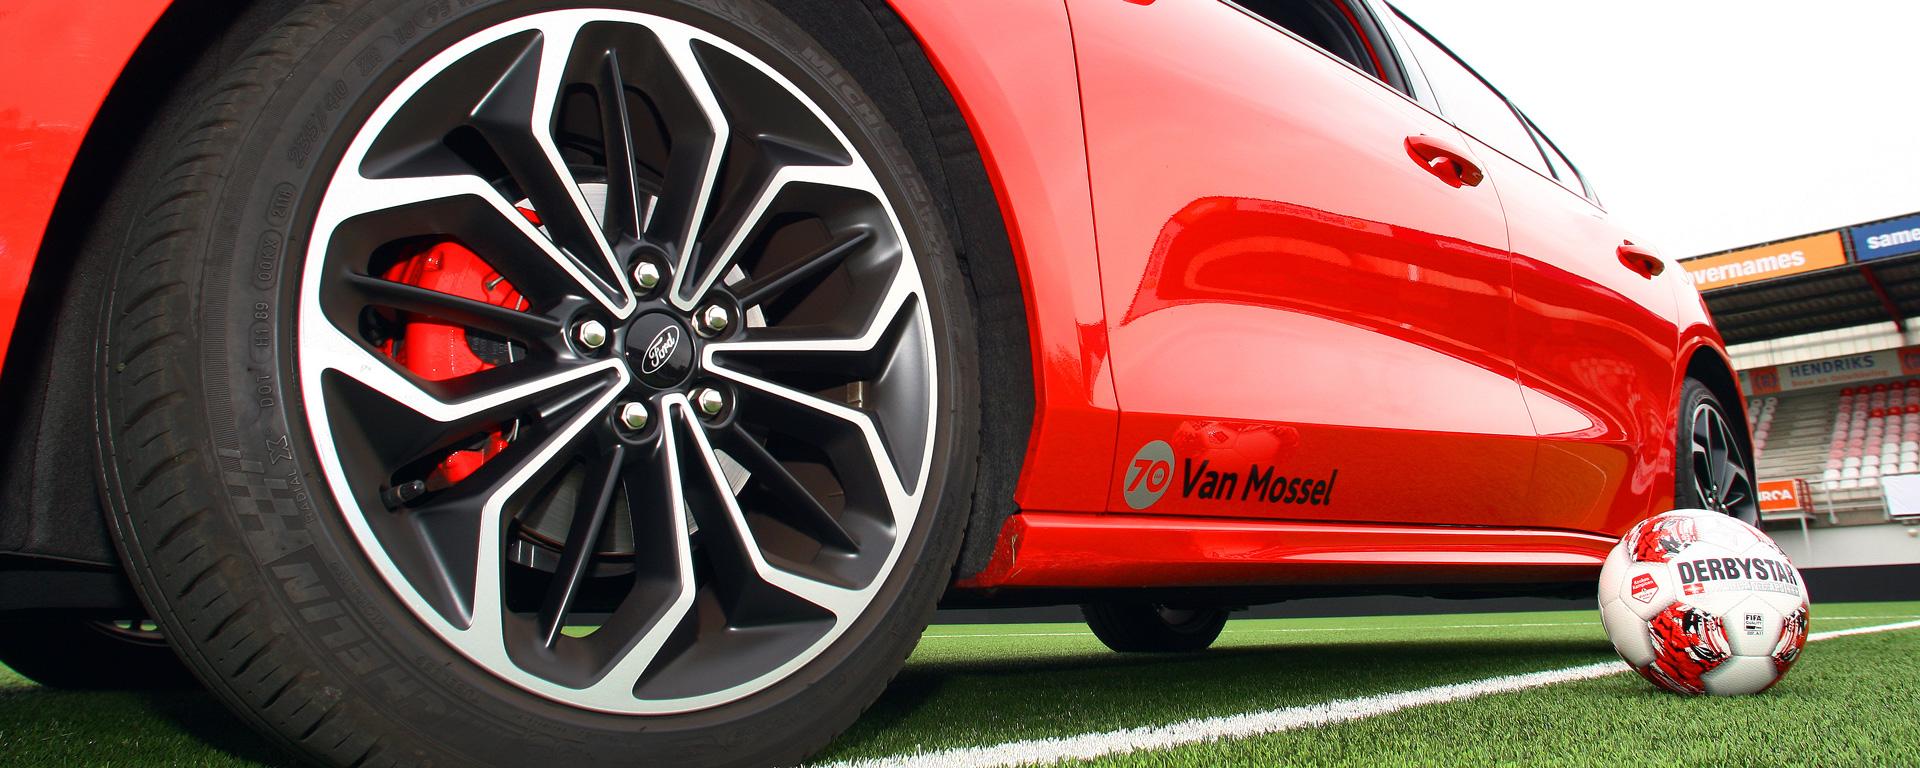 Van Mossel Autolease is de nieuwe mobiliteitspartner van TOP Oss